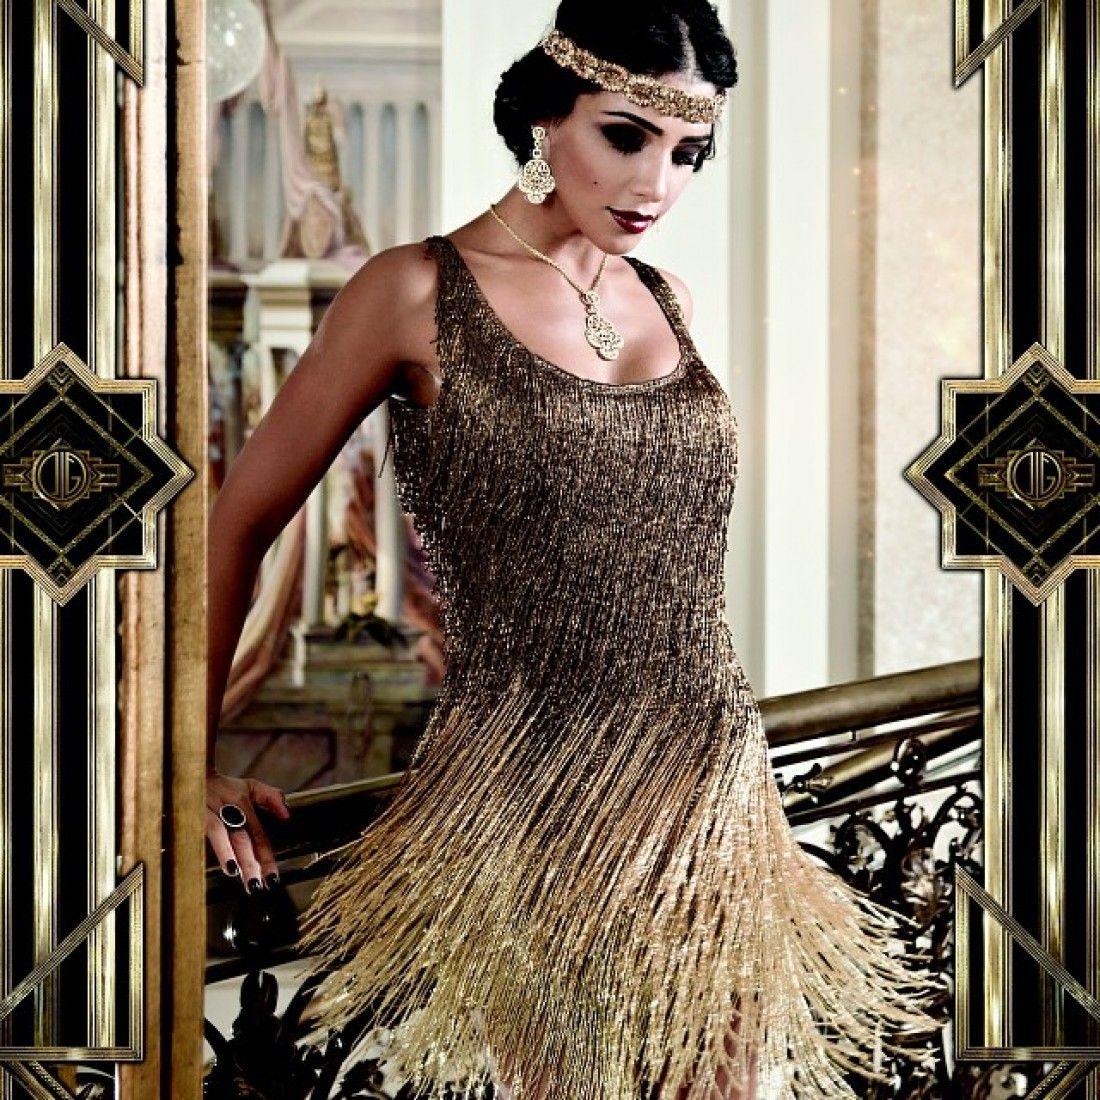 Коктейльное платье с серебристой бахромой подойдет для встречи Нового 2020 года